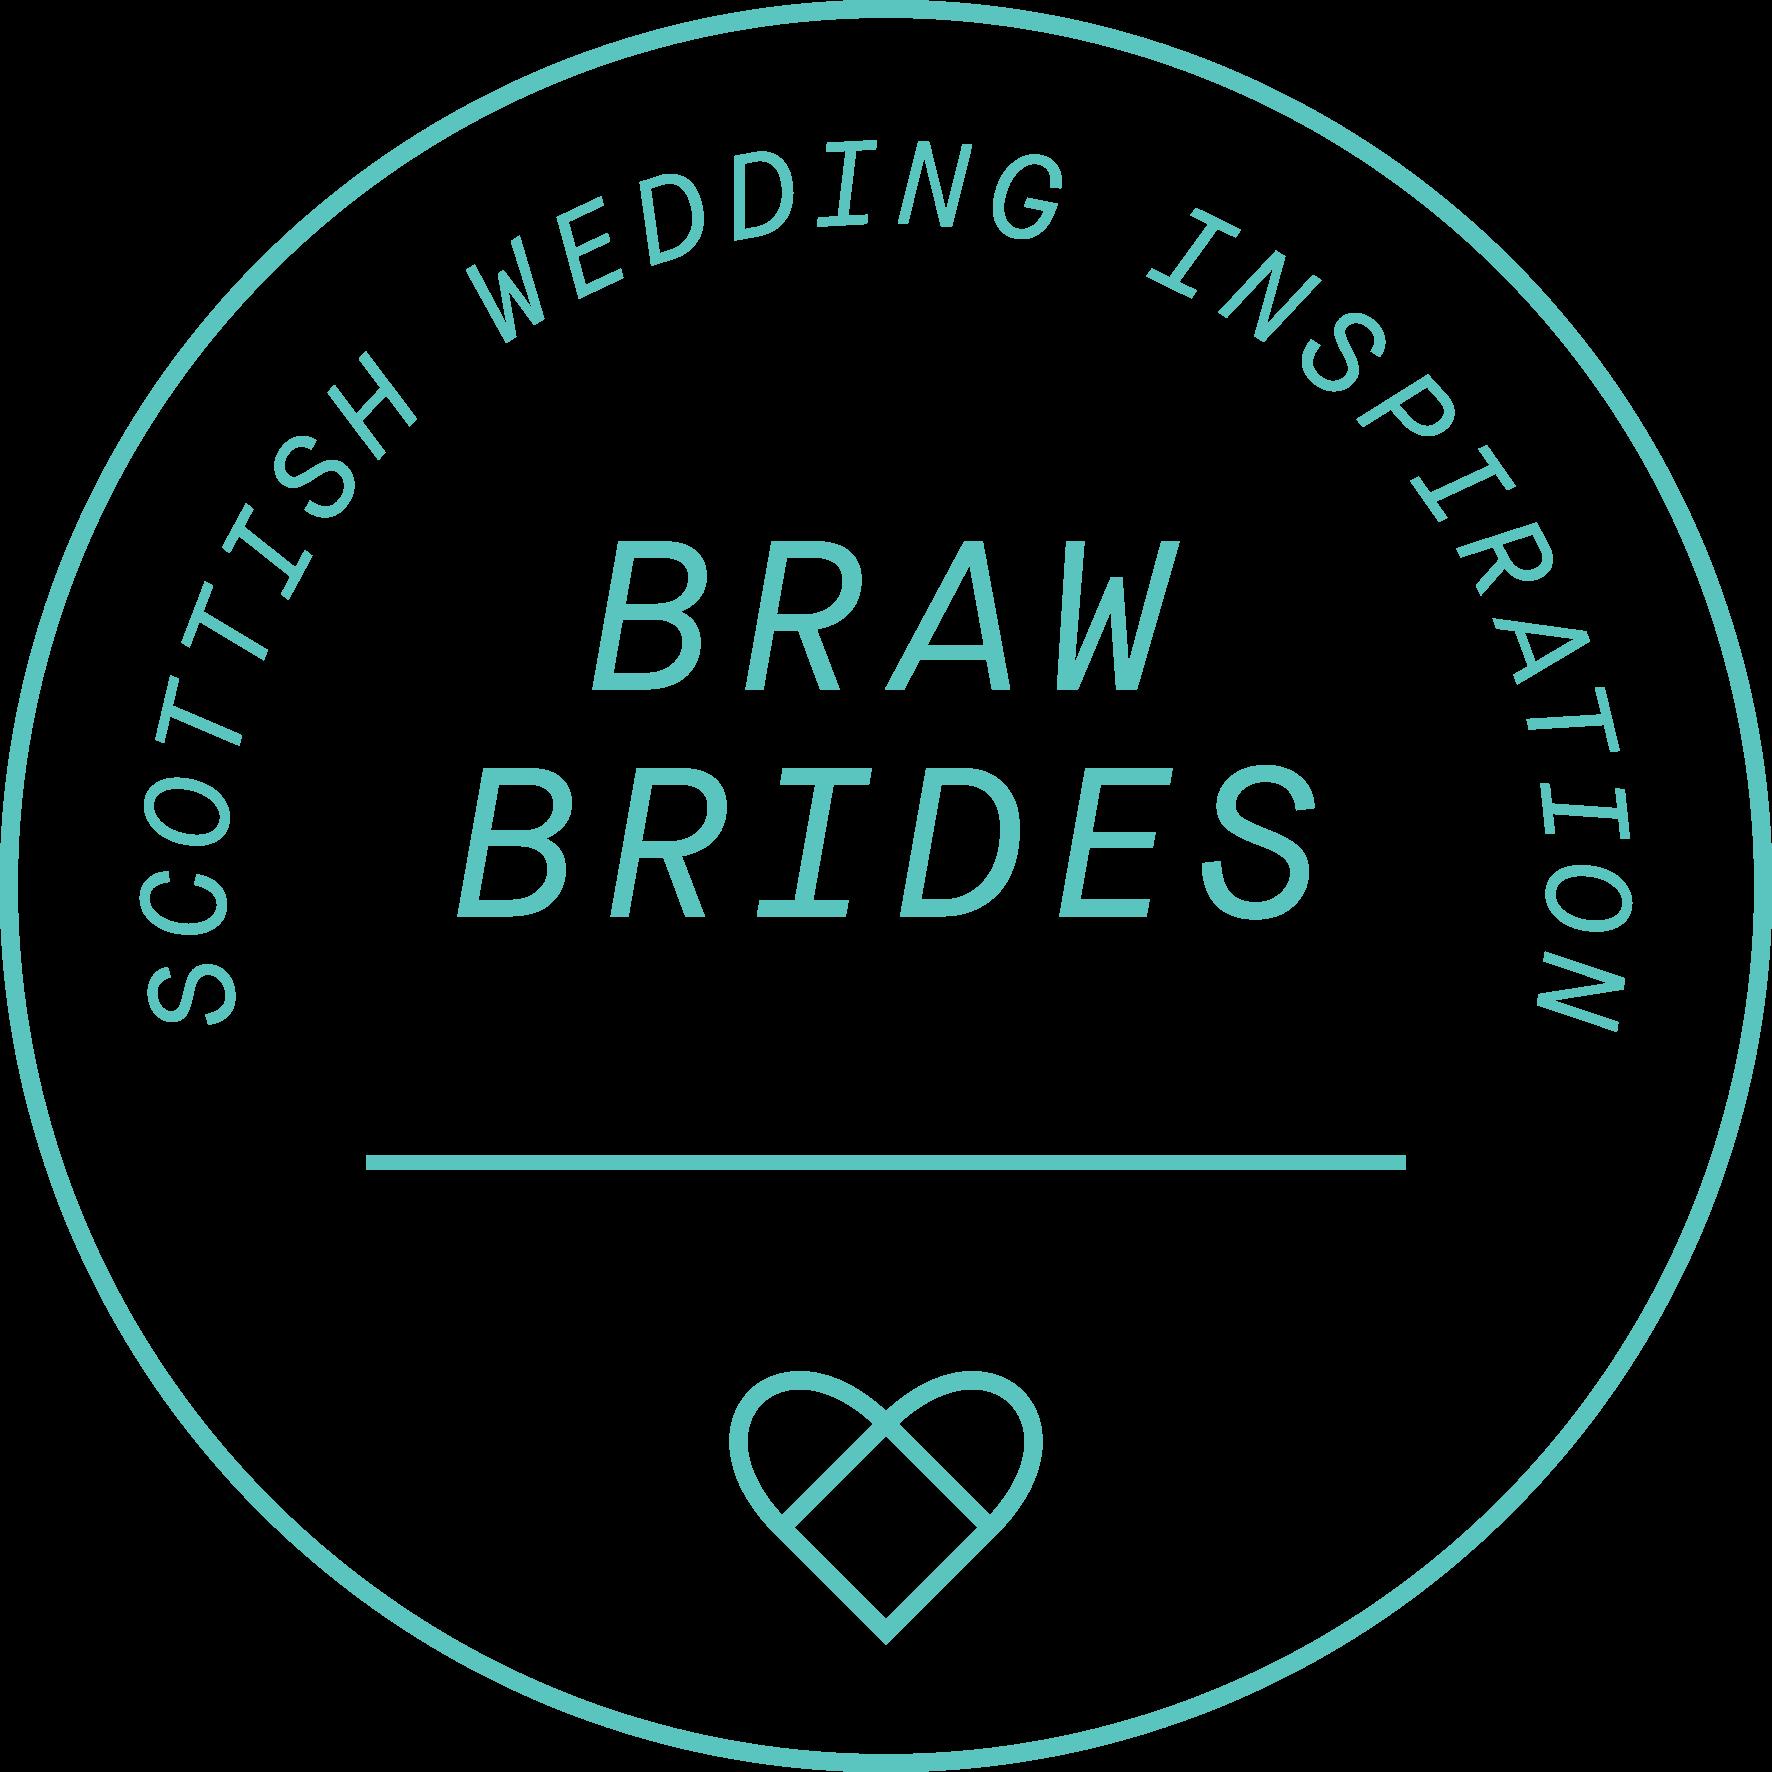 BrawBrides-Badge-Aqua-V2.png